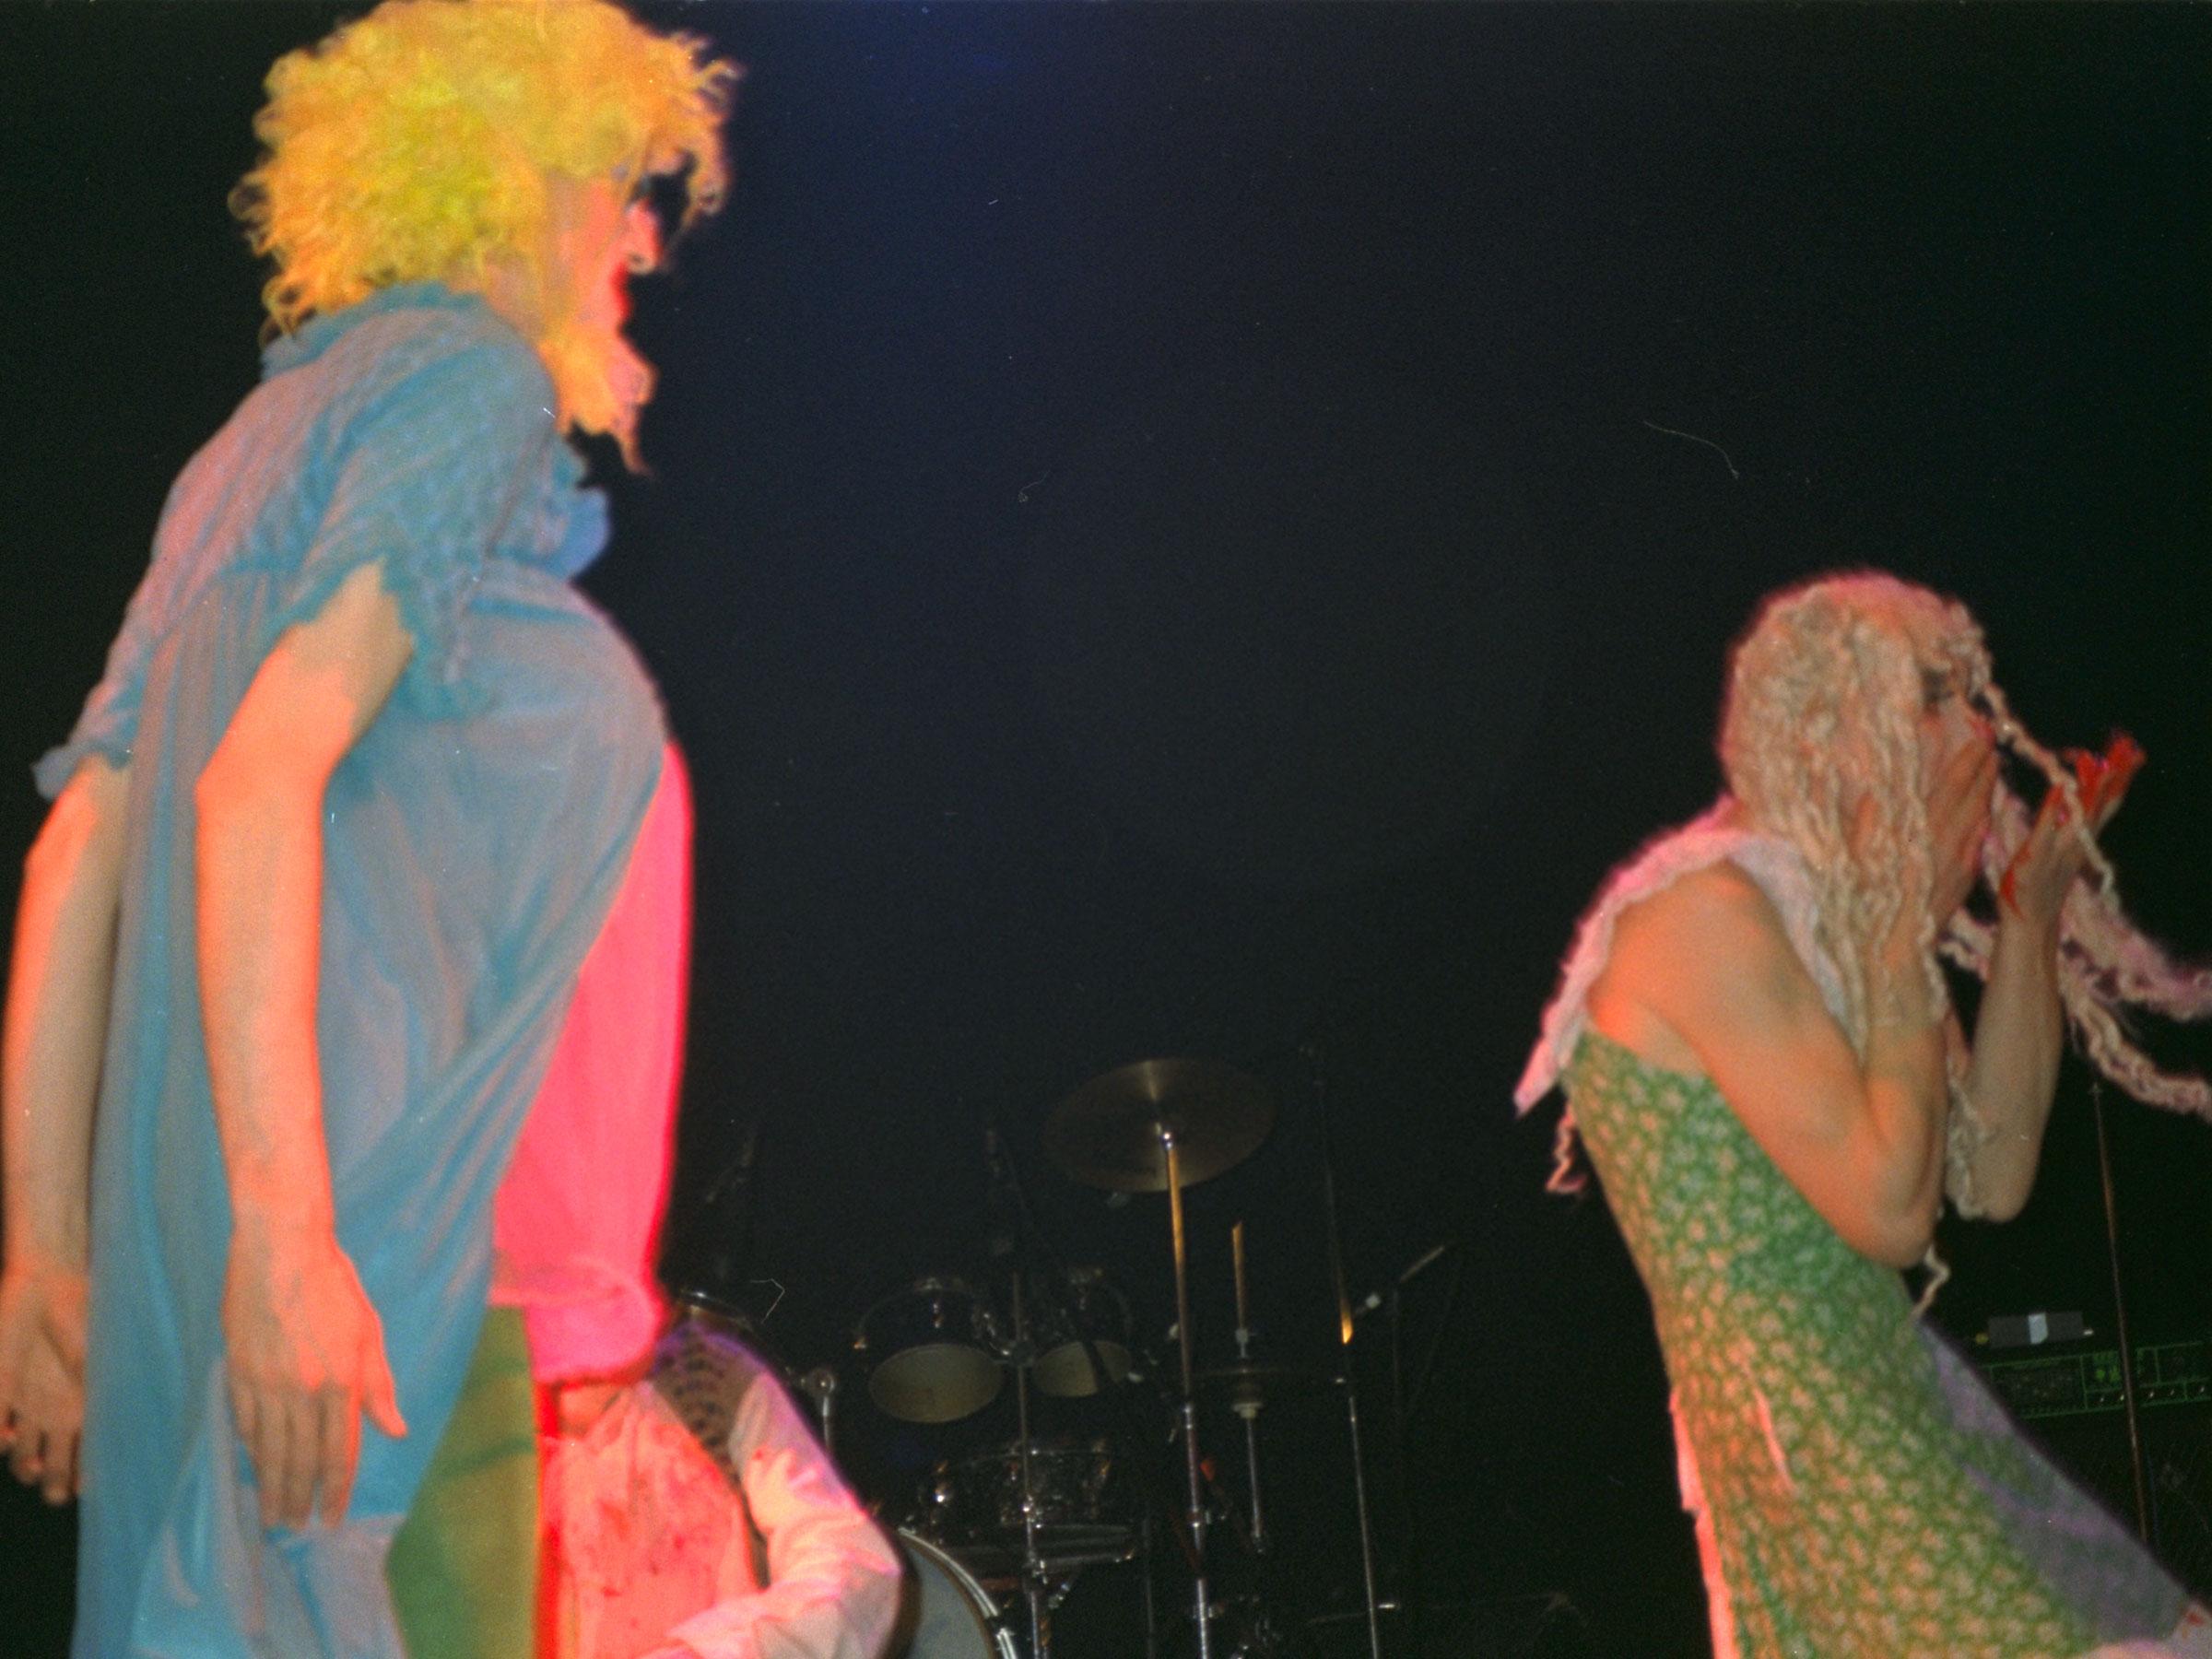 1993-12-12-SF-Winter-Pride-PCD479-057